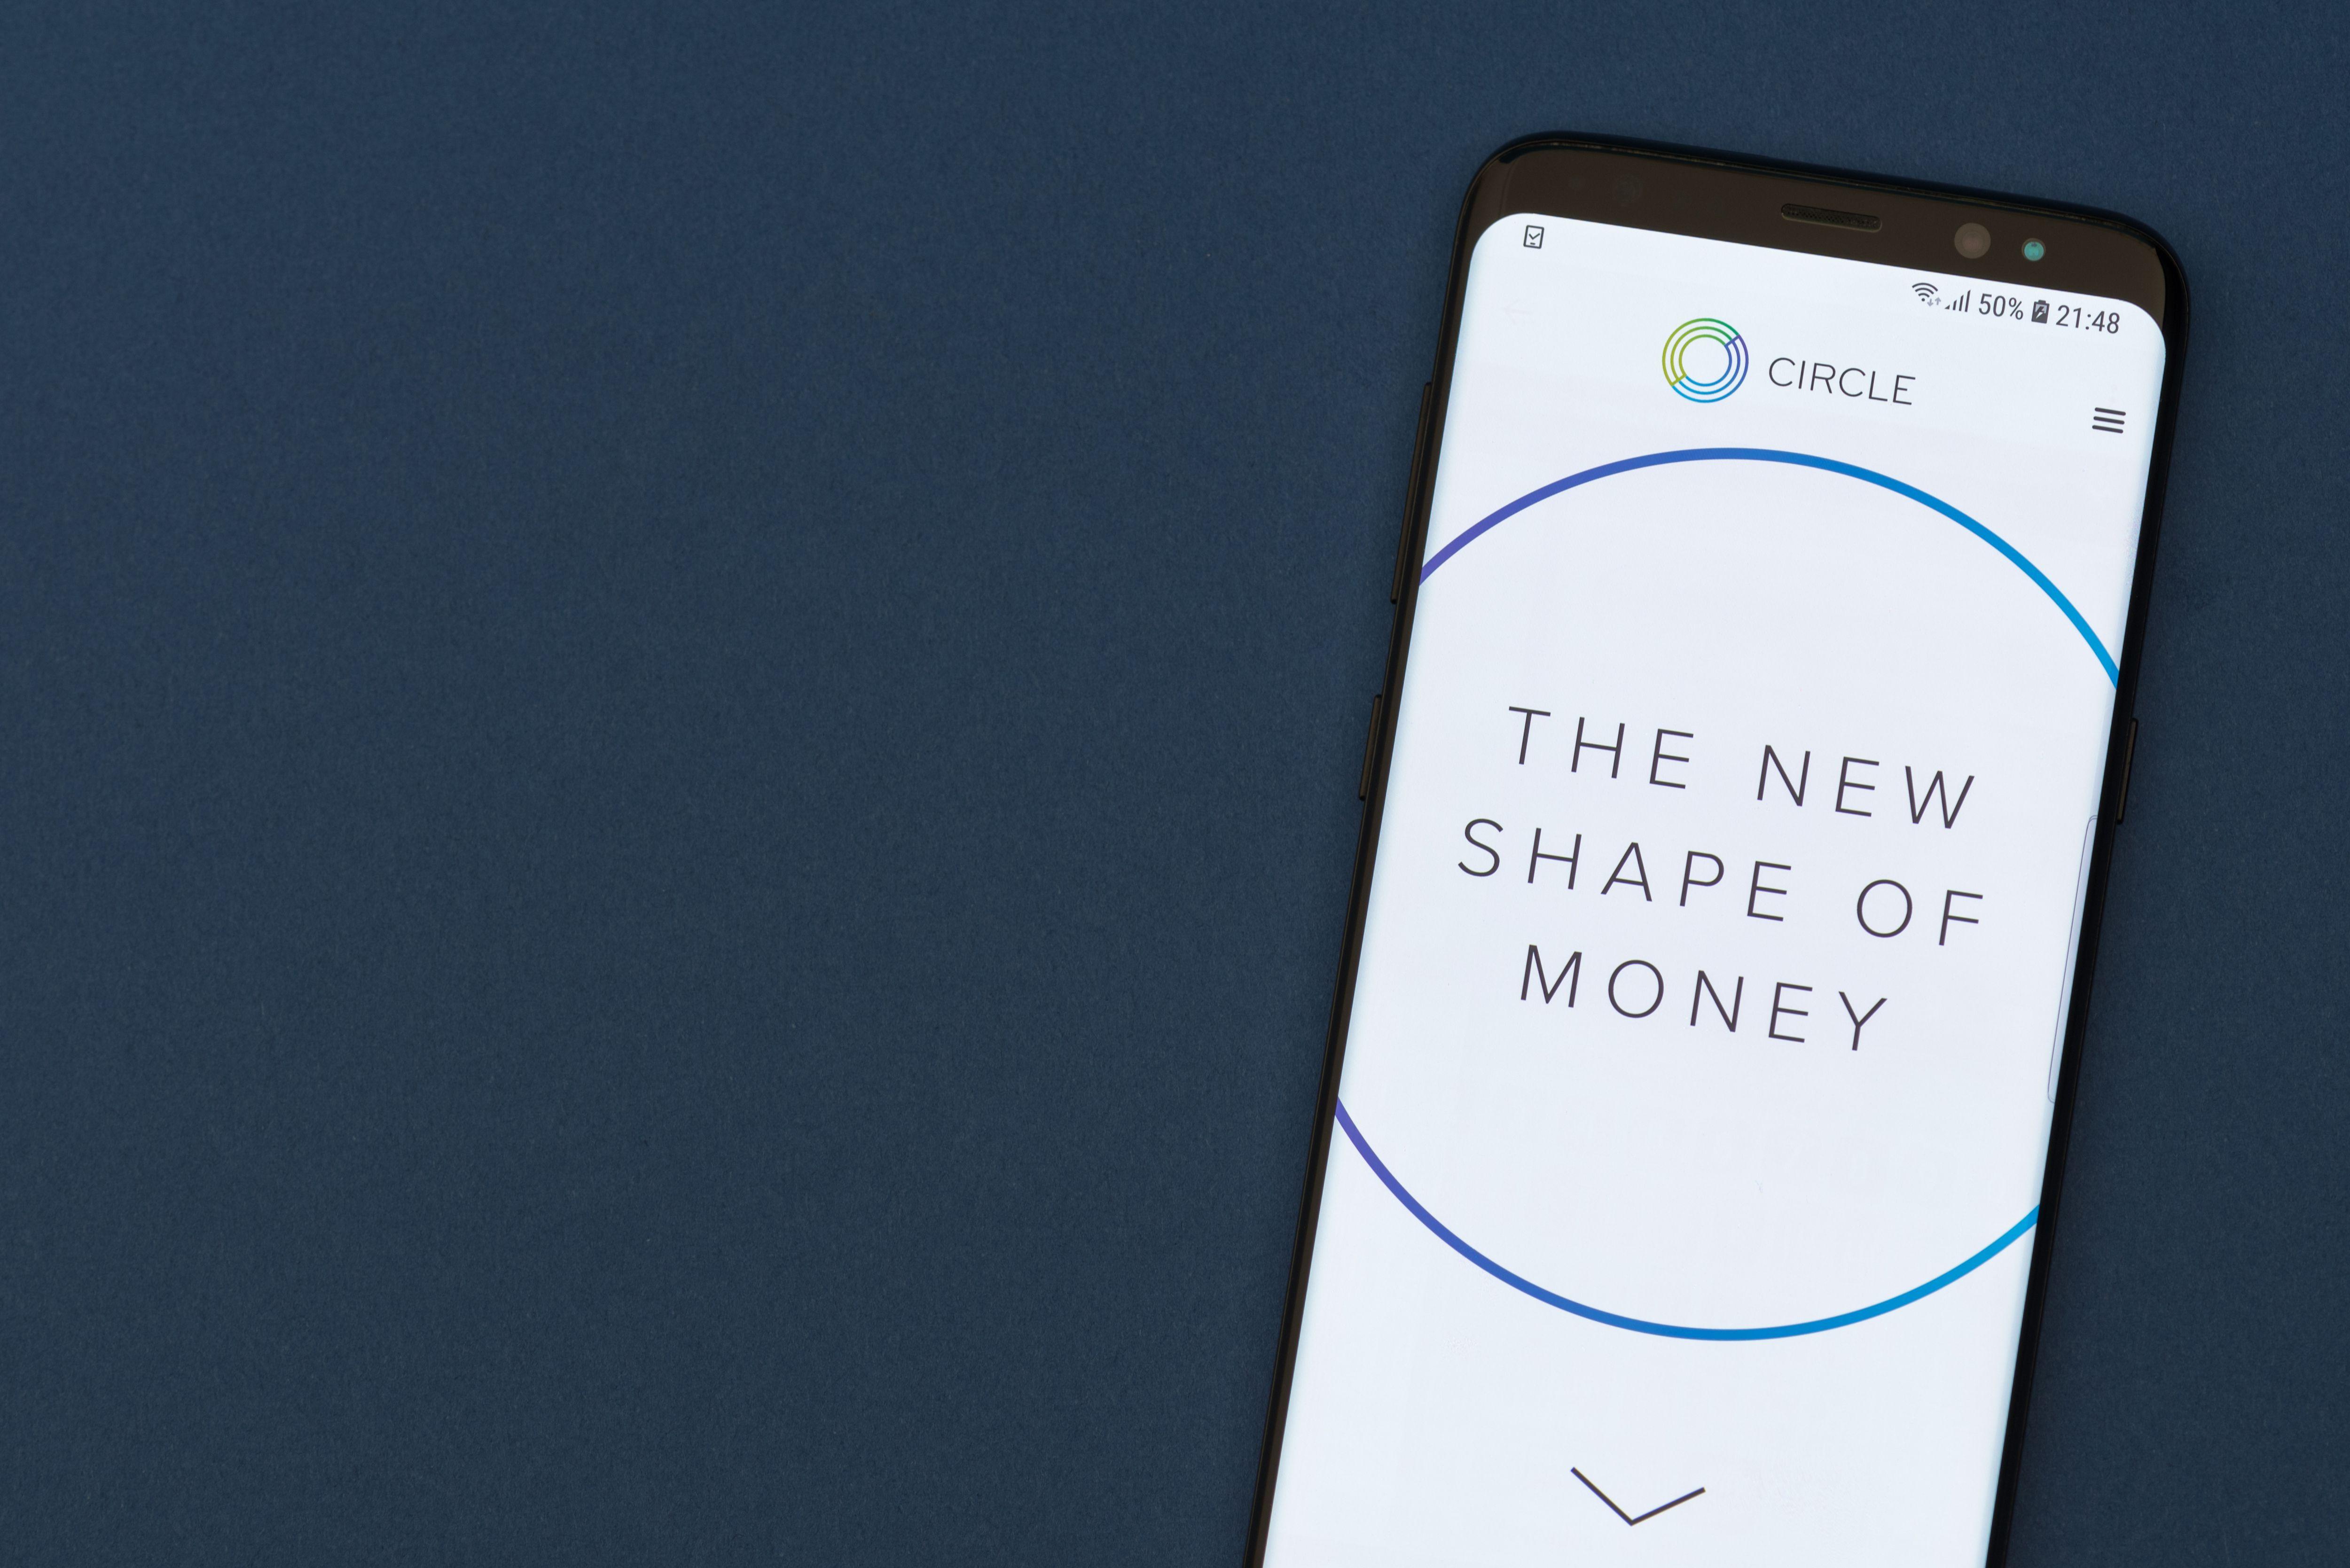 circle new shape of money